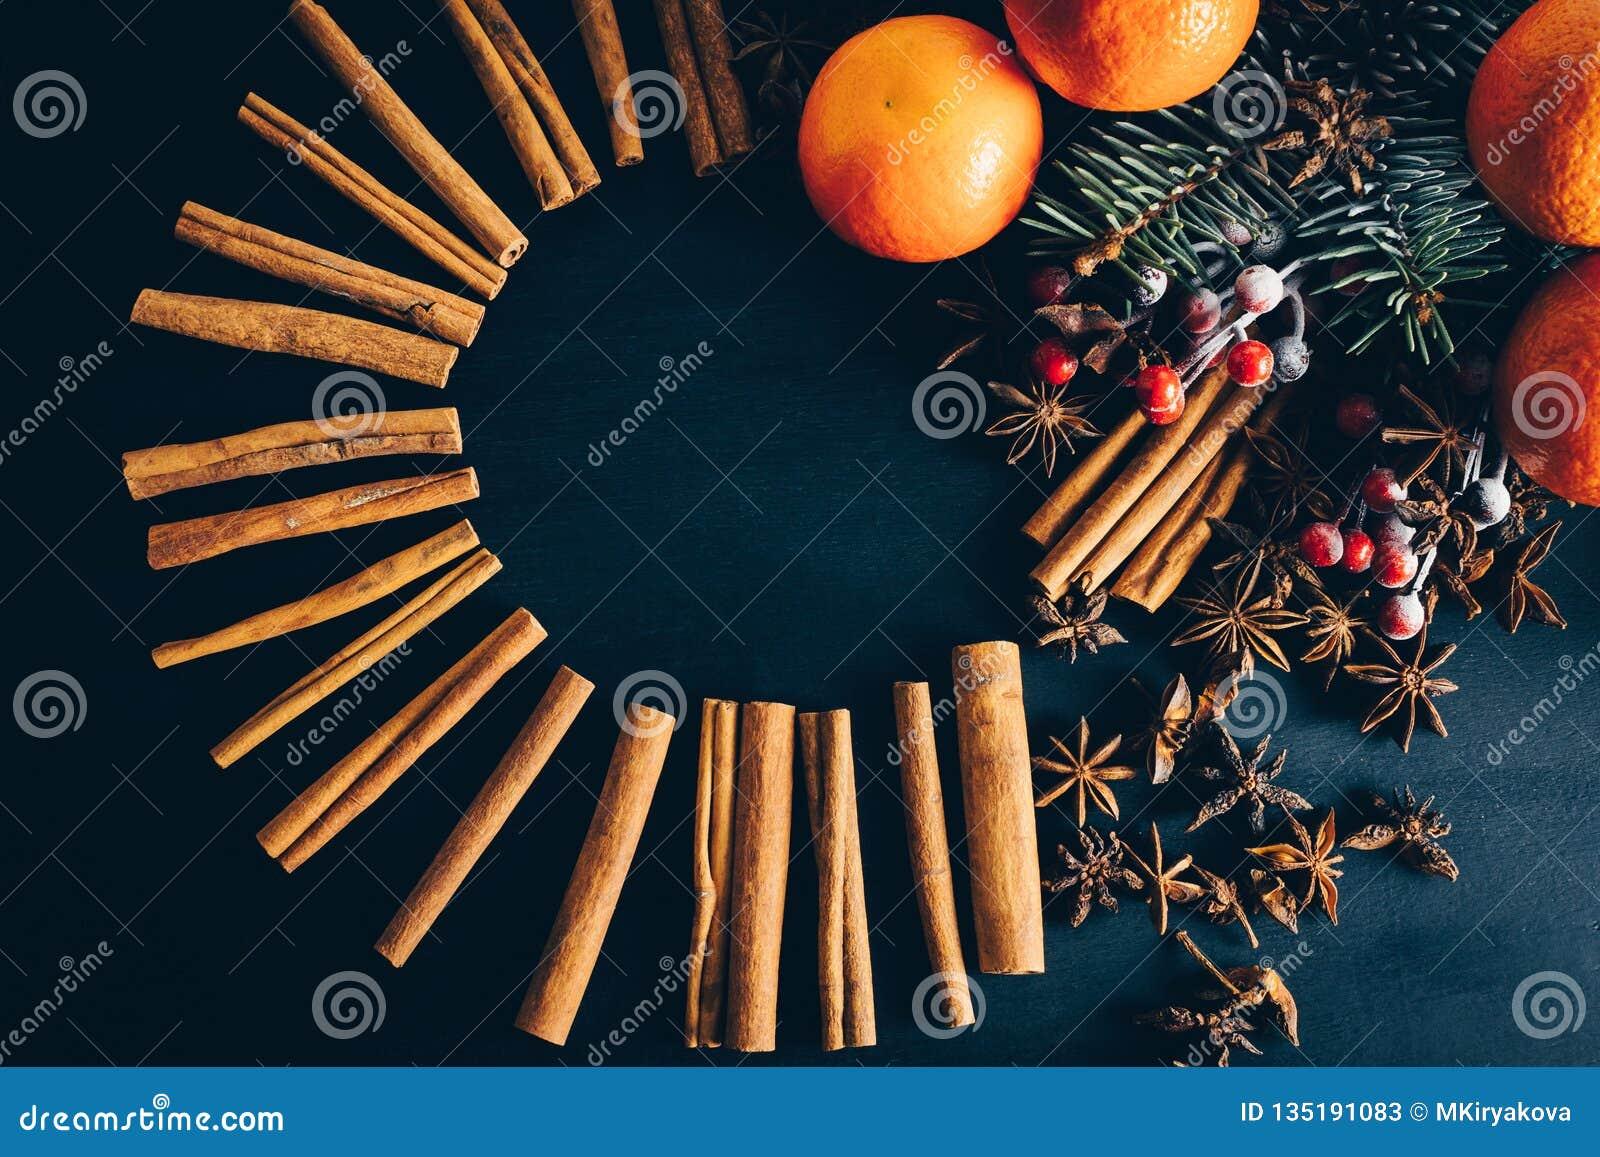 Święta dekorują odznaczenie domowych świeżych pomysłów